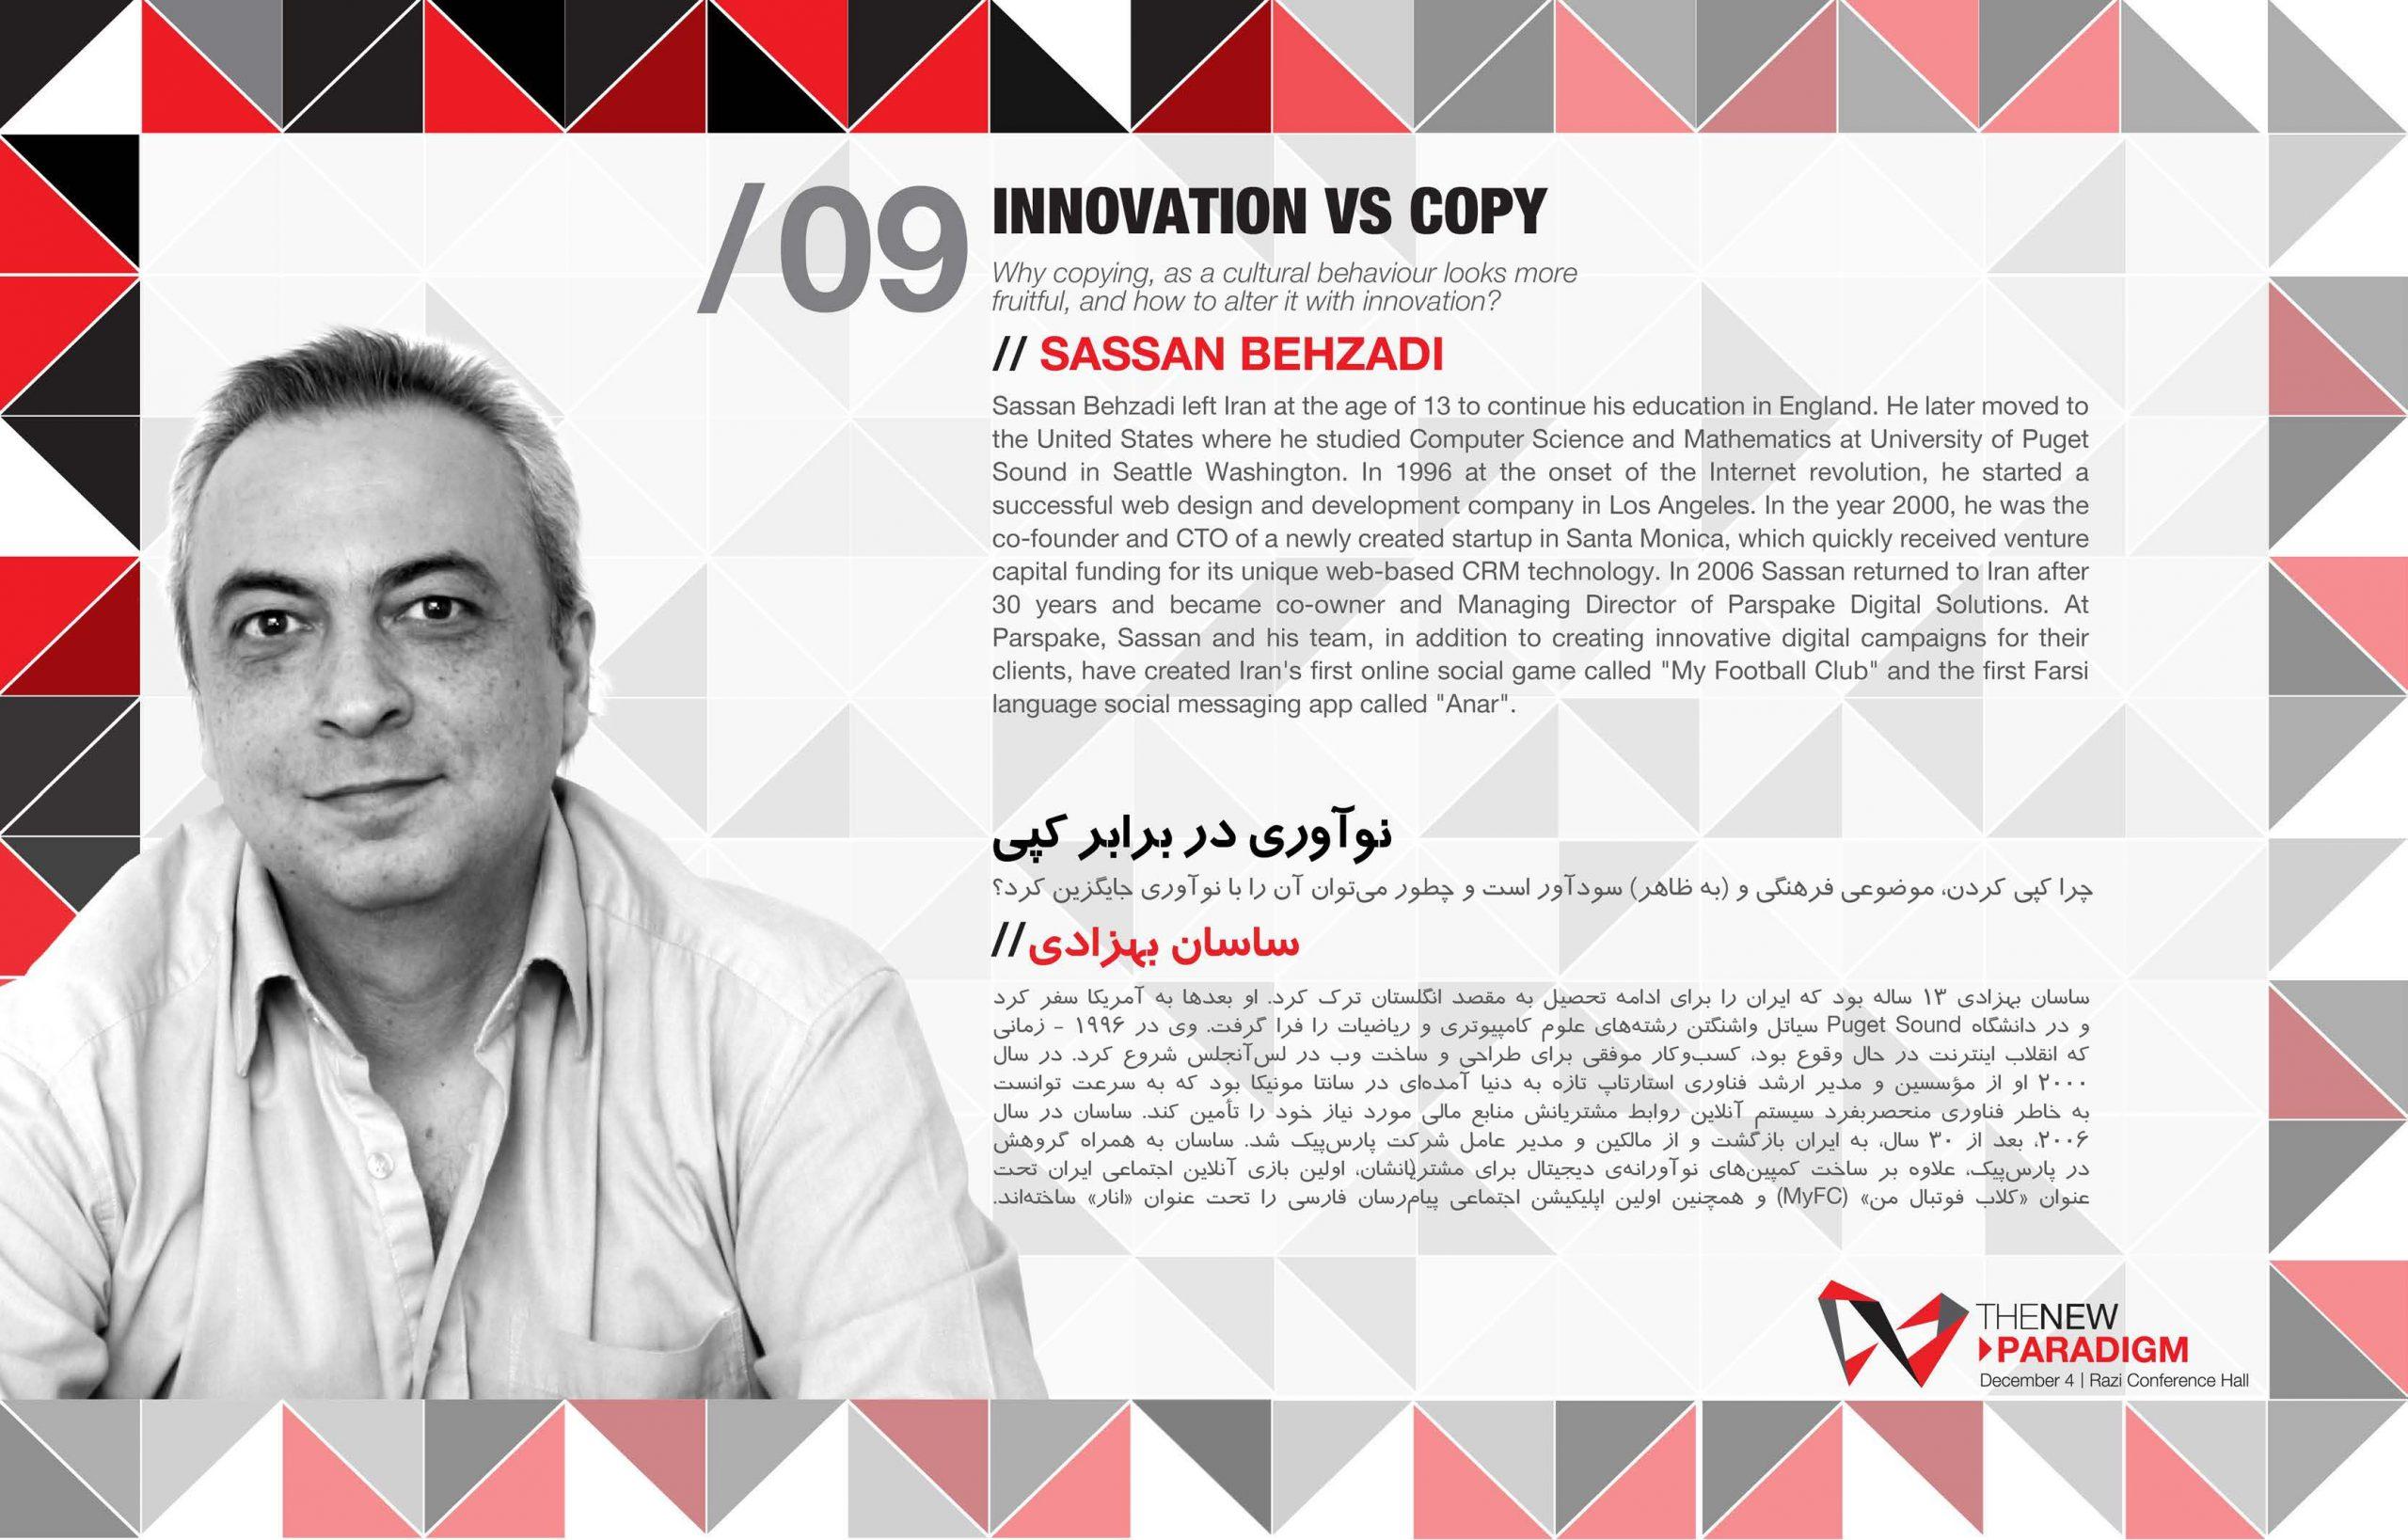 Sasan Behzadi